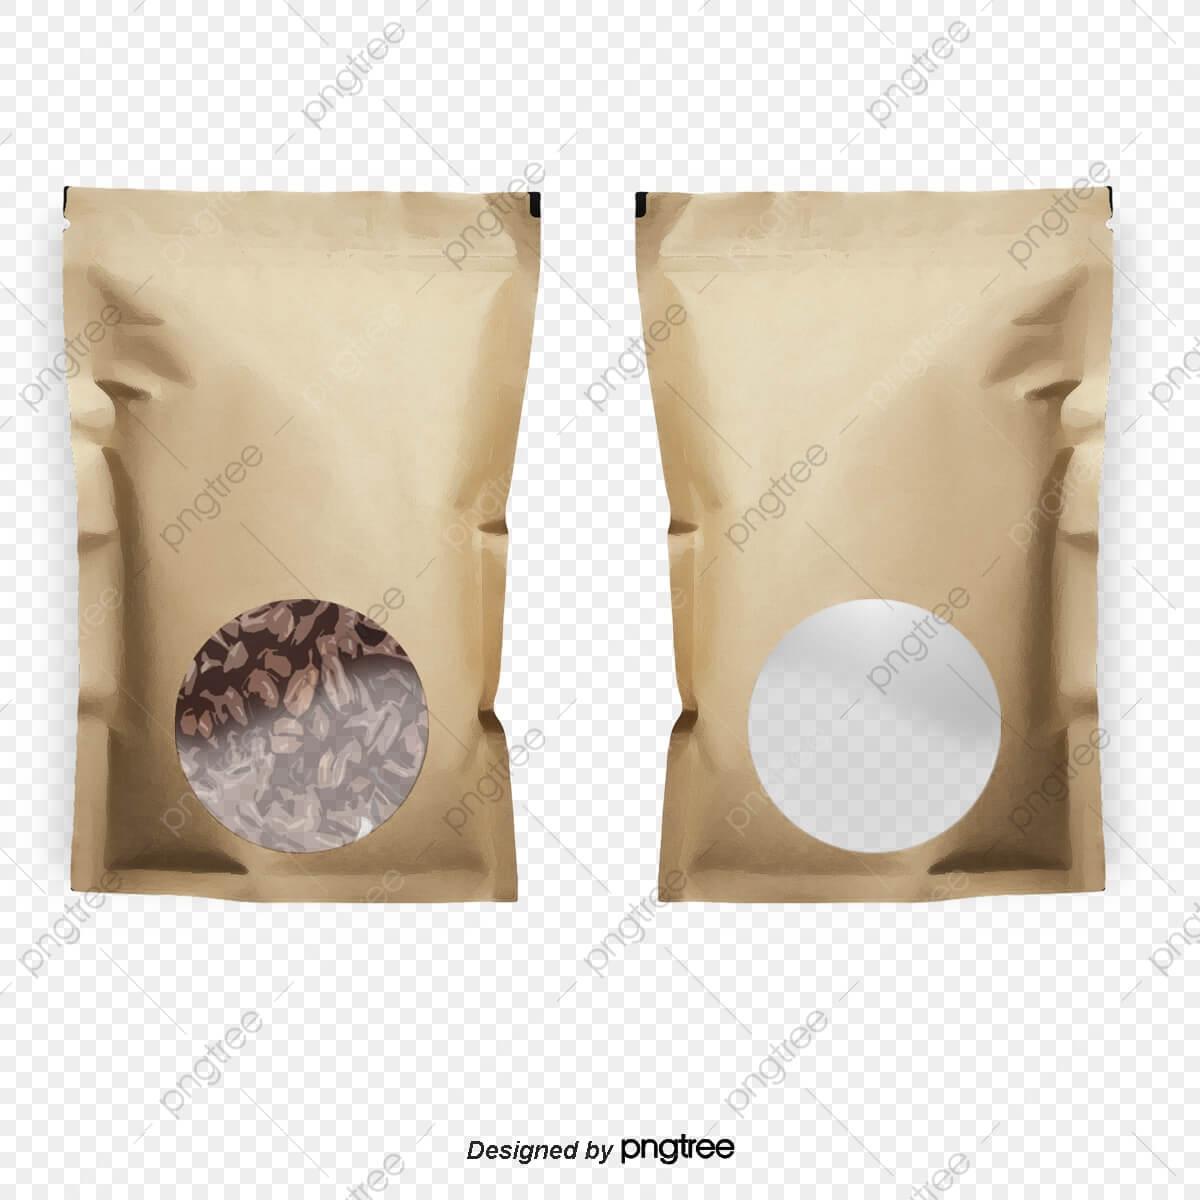 Food Packaging Design, Blank Product Packaging, Design For Blank Packaging Templates